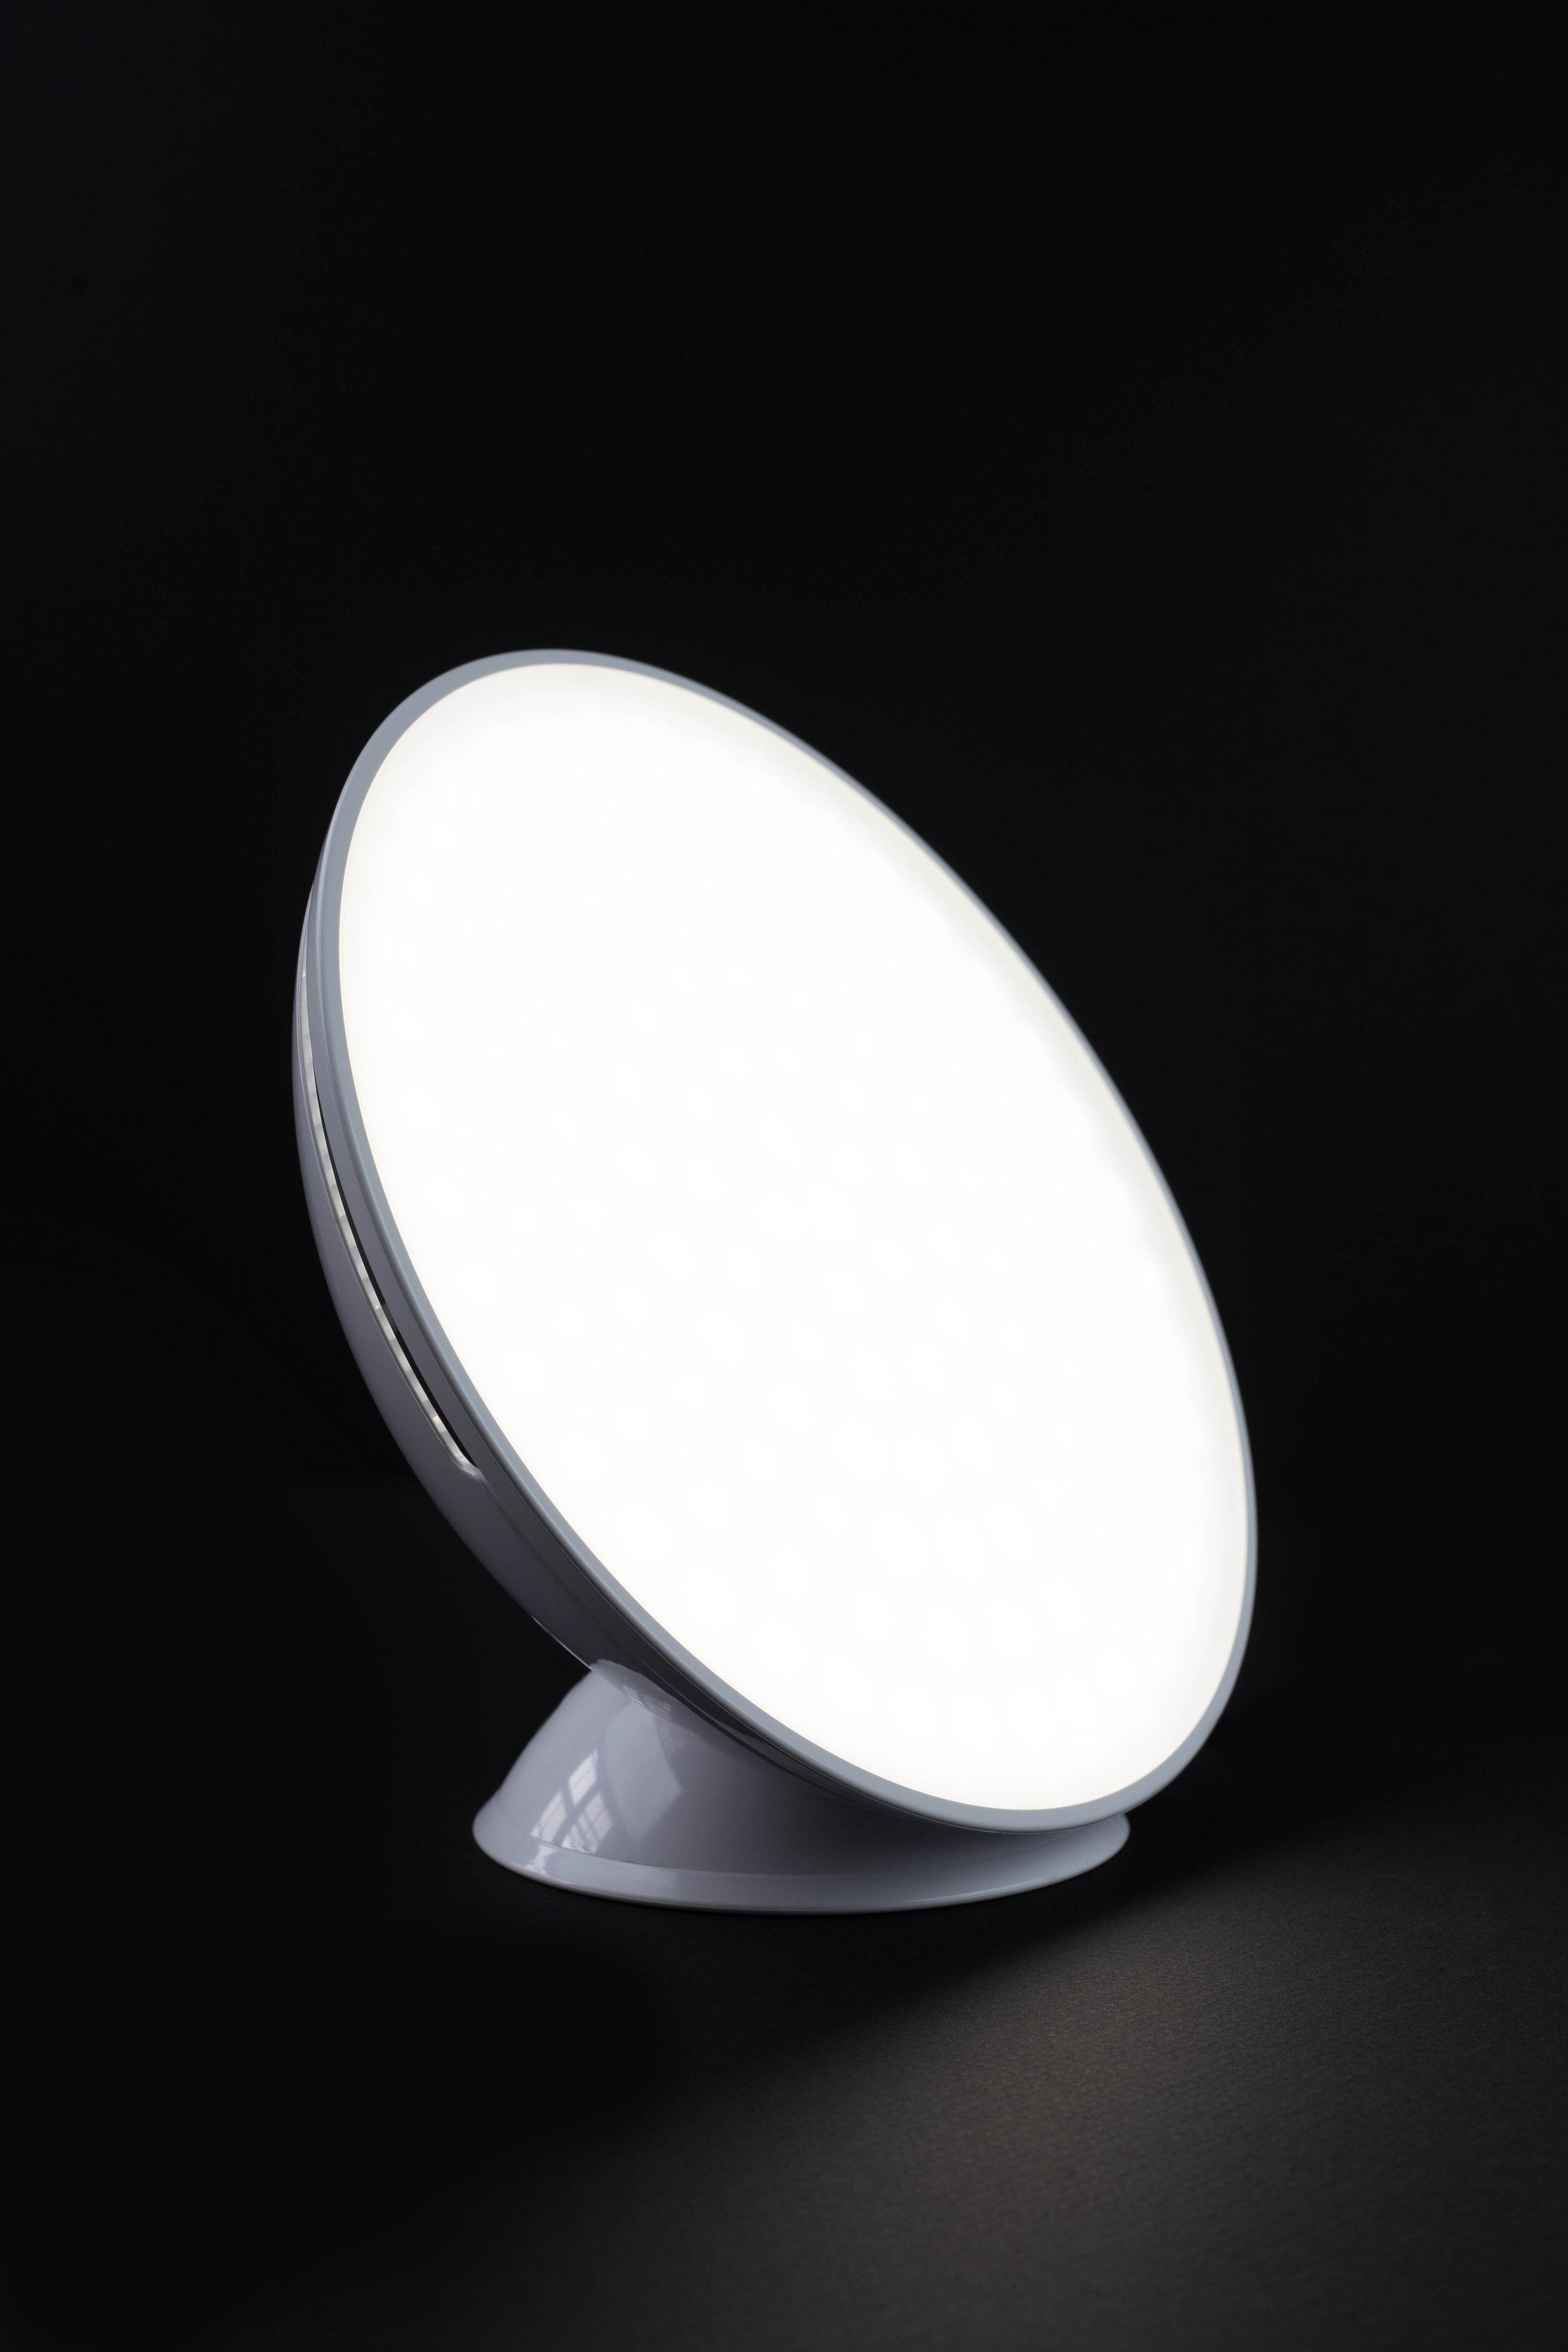 Lampu Left 45 - Black BG.jpg